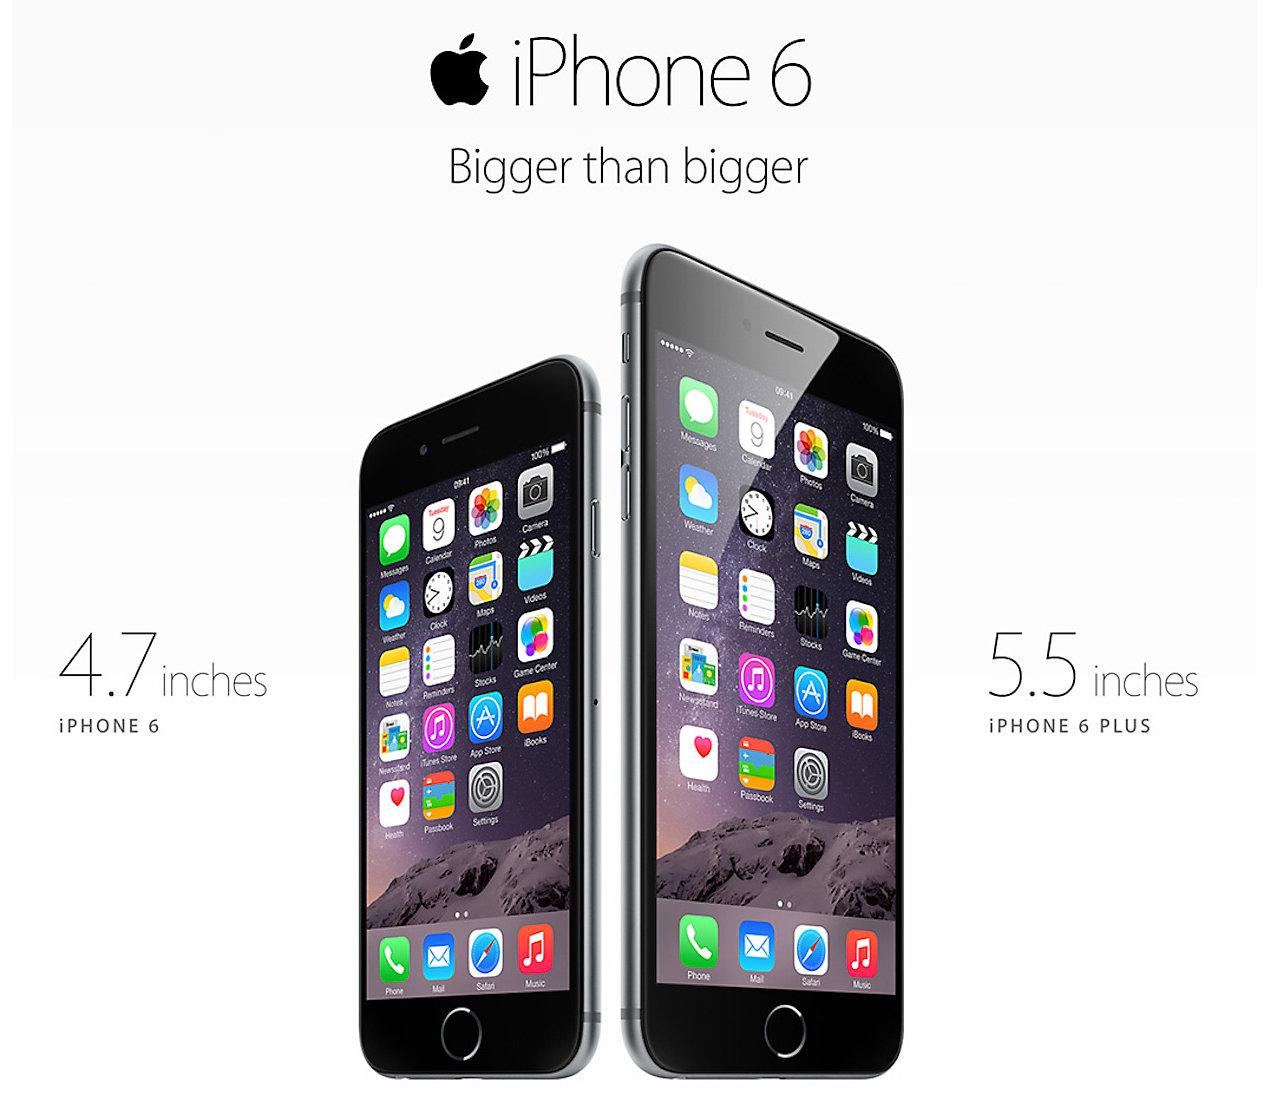 Download TAIG2 Jailbreak Firmware File for iPhone 6 8.1.3 - Apple Genius